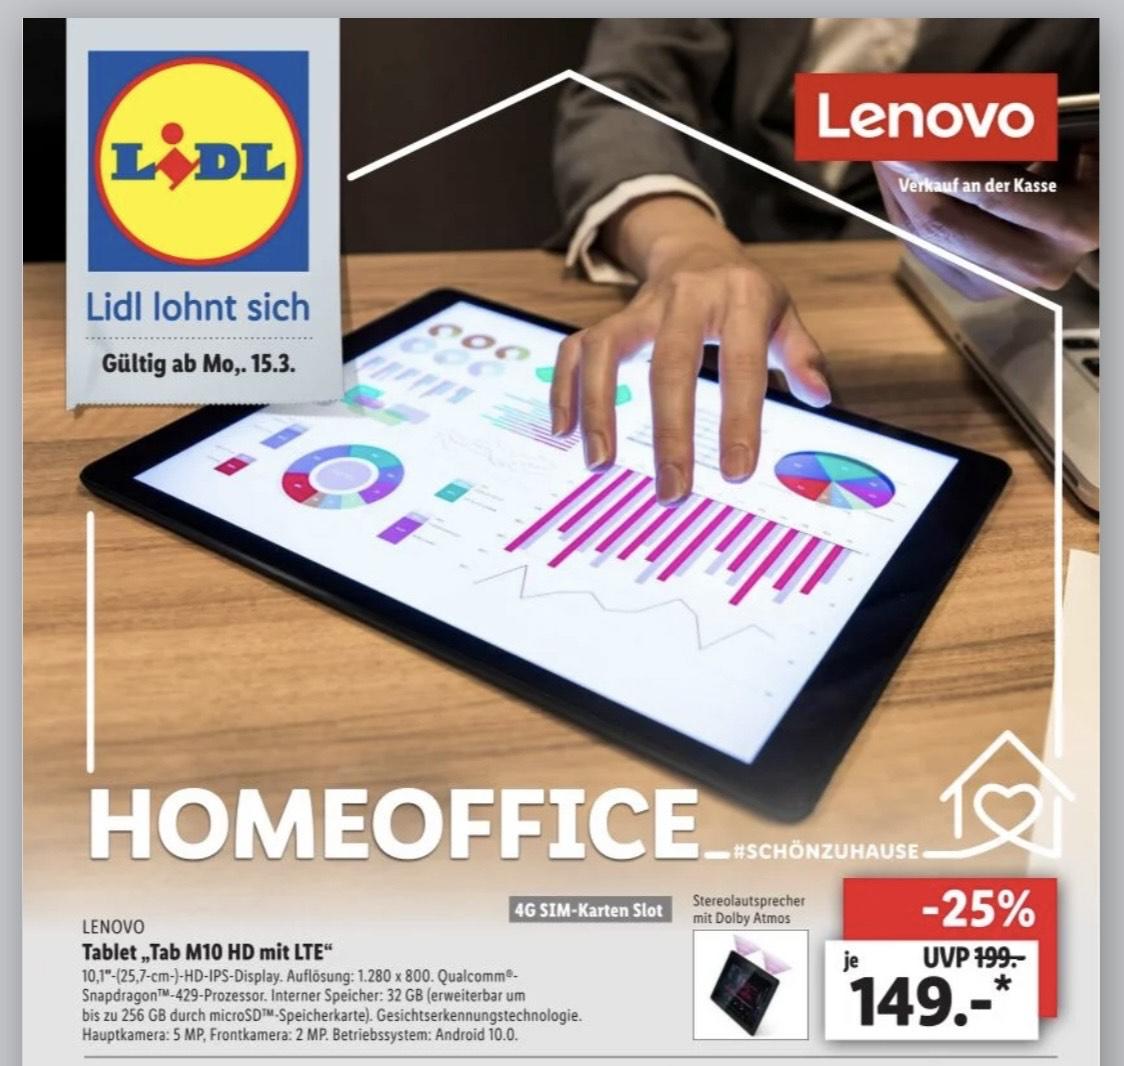 [Lidl] Lenovo Tab M10 HD LTE